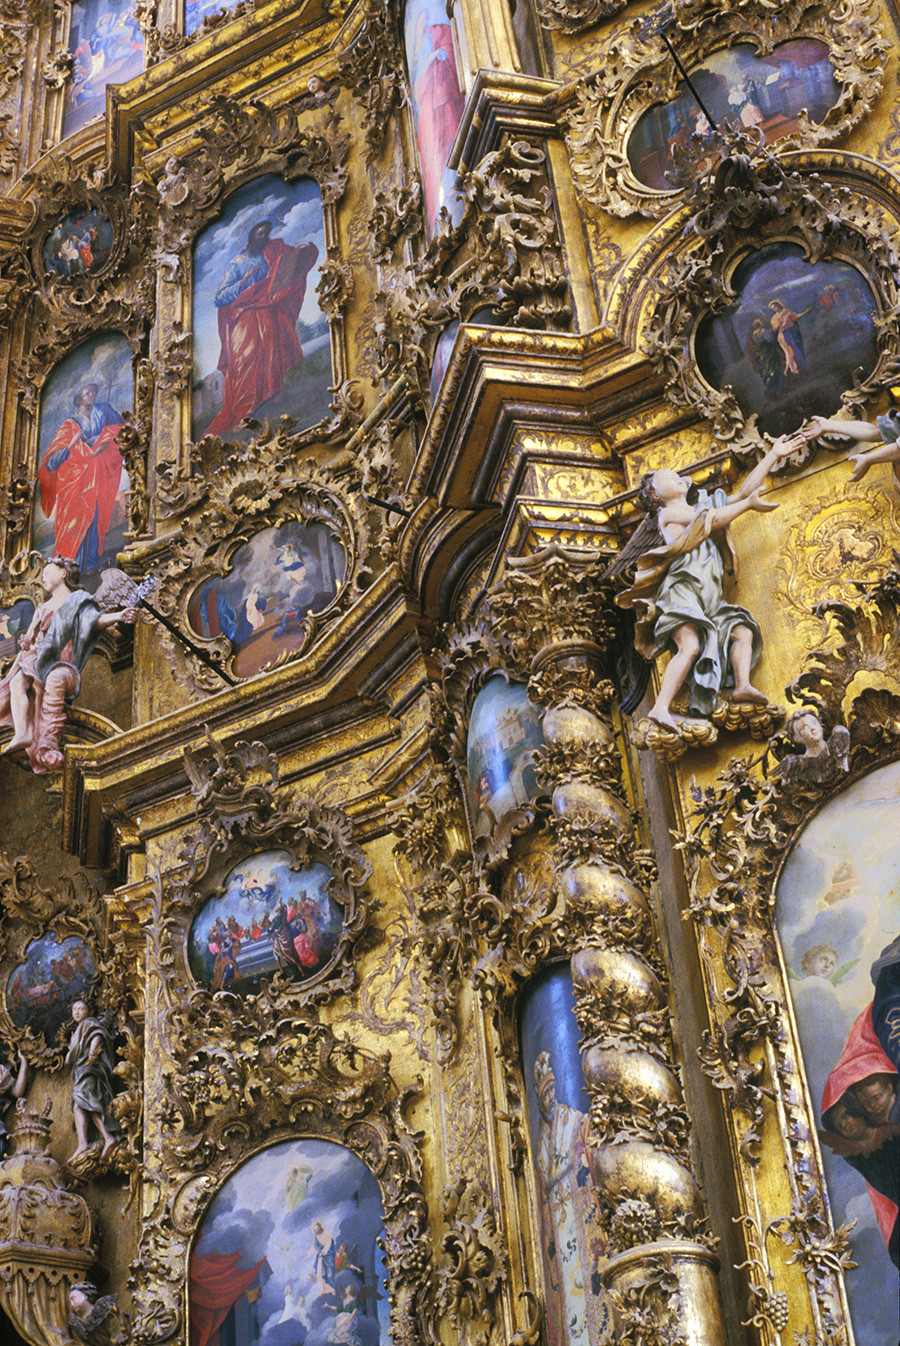 Monastère de la Trinité de Gleden. Iconostase de la cathédrale de la Trinité. Segment gauche avec icônes